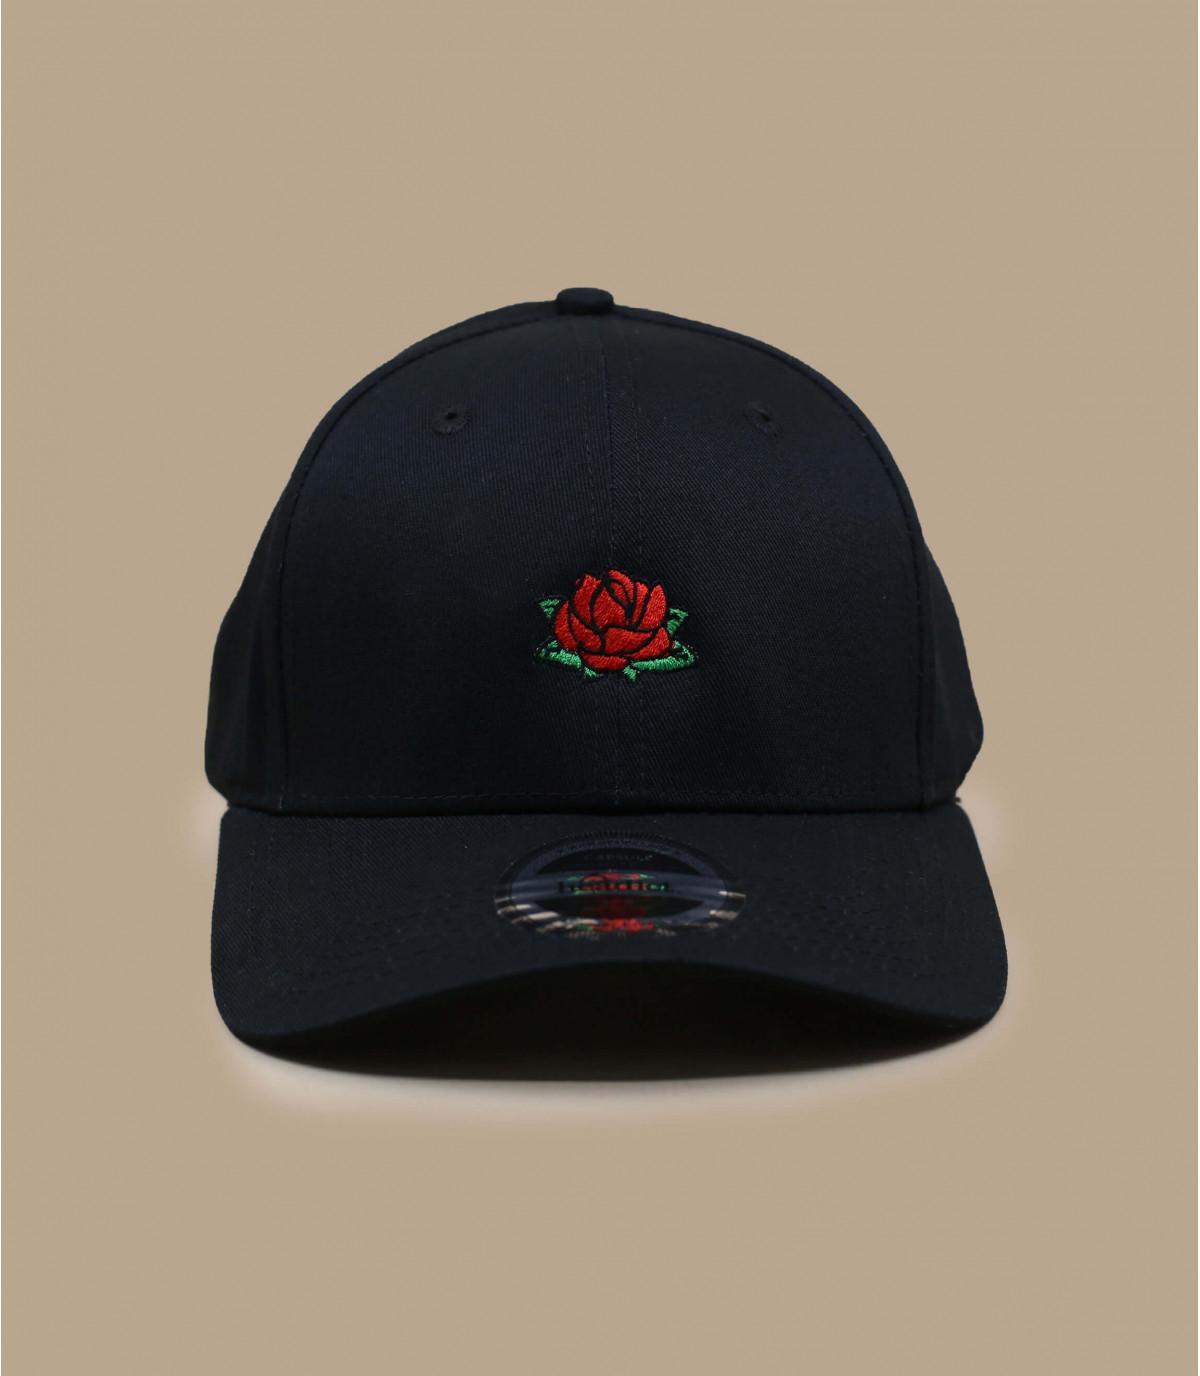 Dettagli Curve Rose - image 3